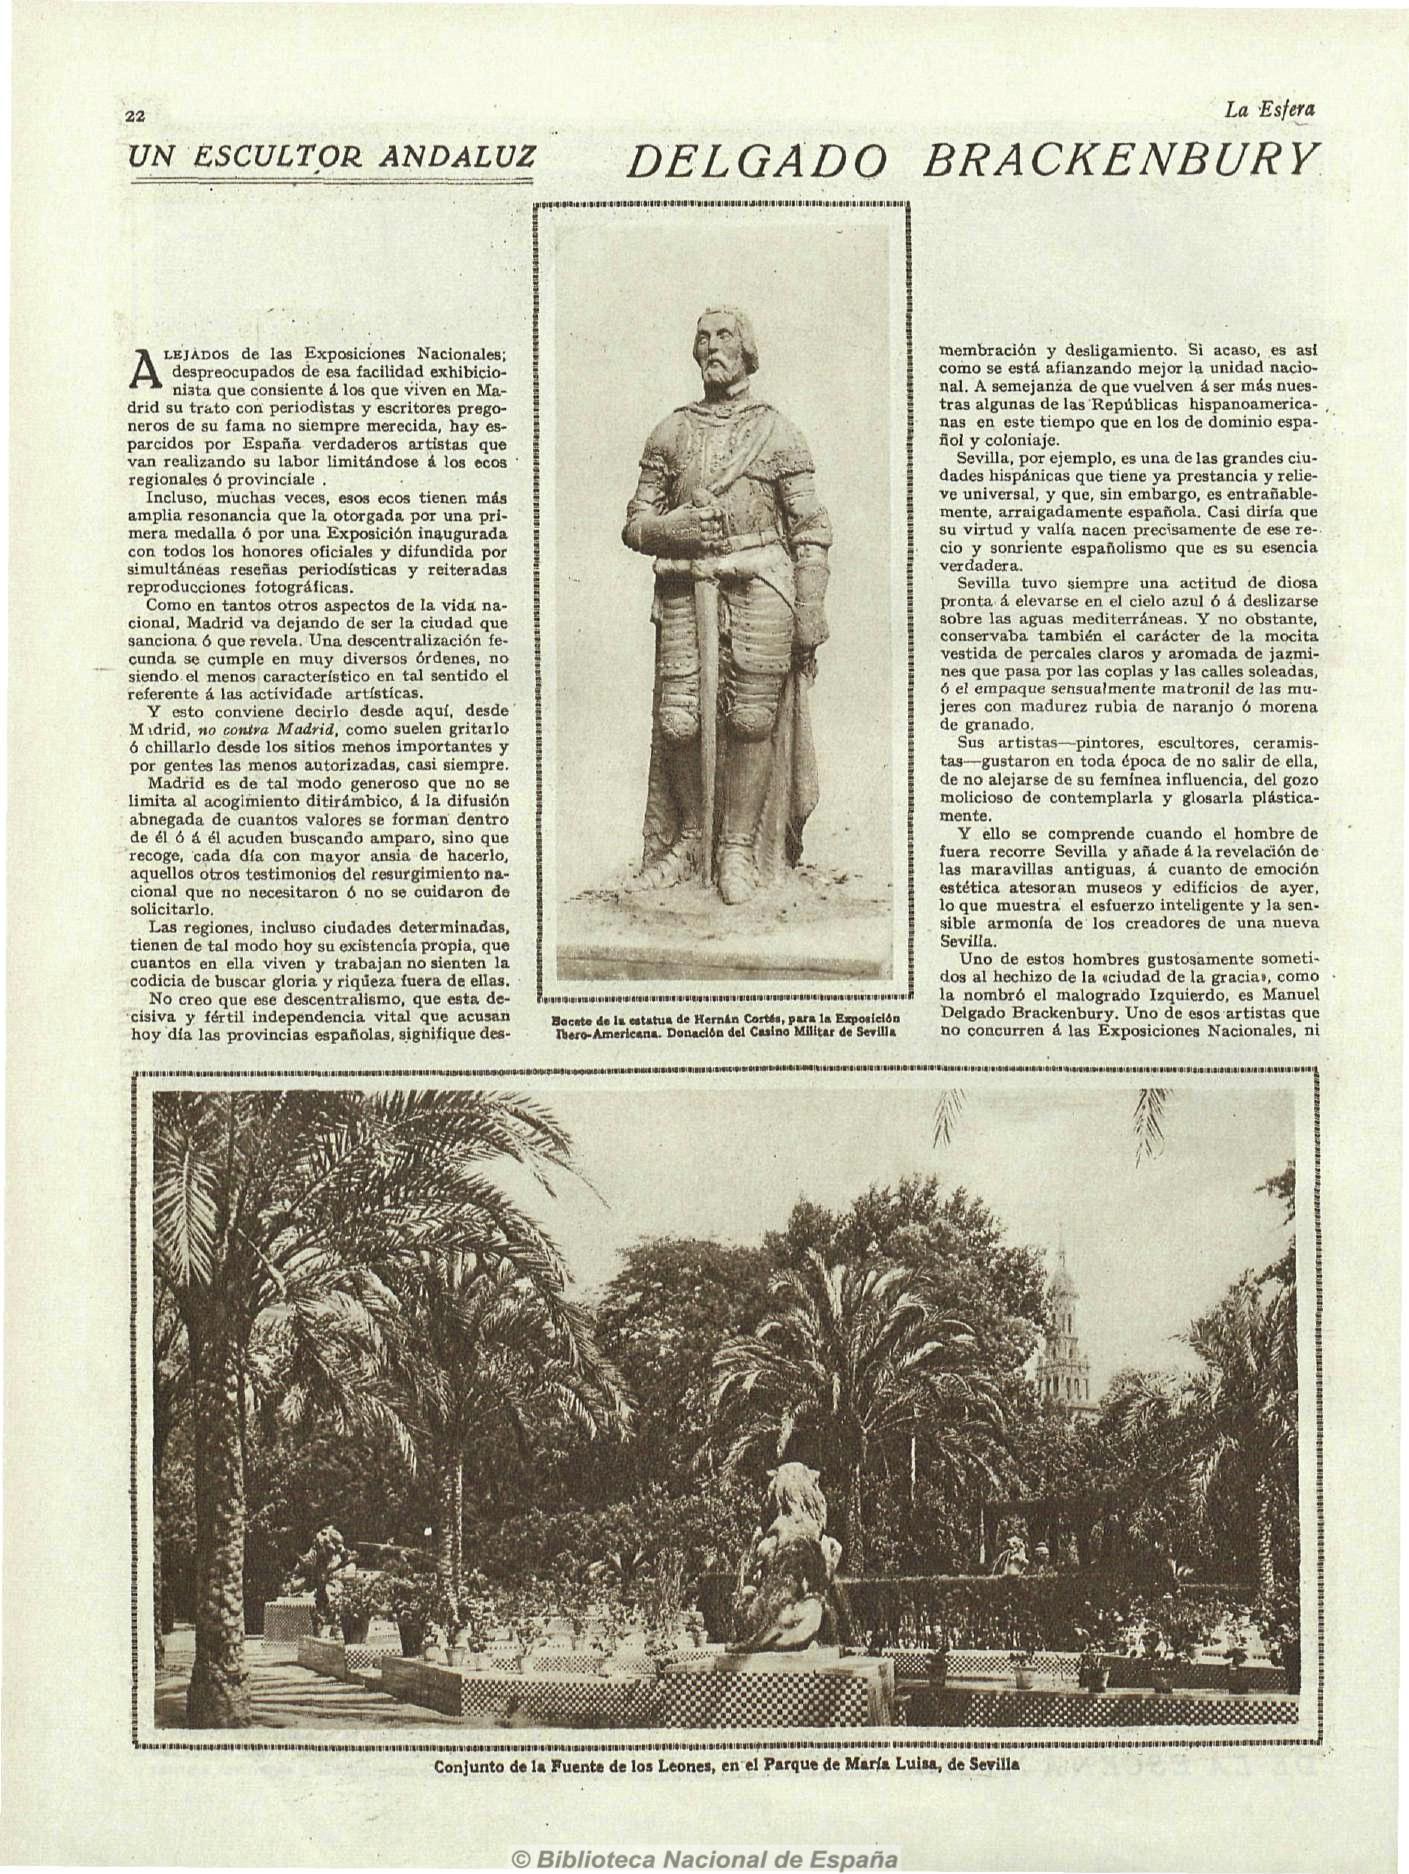 """V. DOCUMENTOS PARA LA HISTORIA DE LA FUENTE DE LAS CUATRO ESTACIONES: """"Un escultor andaluz: Delgado Brackenbury"""". La Esfera."""